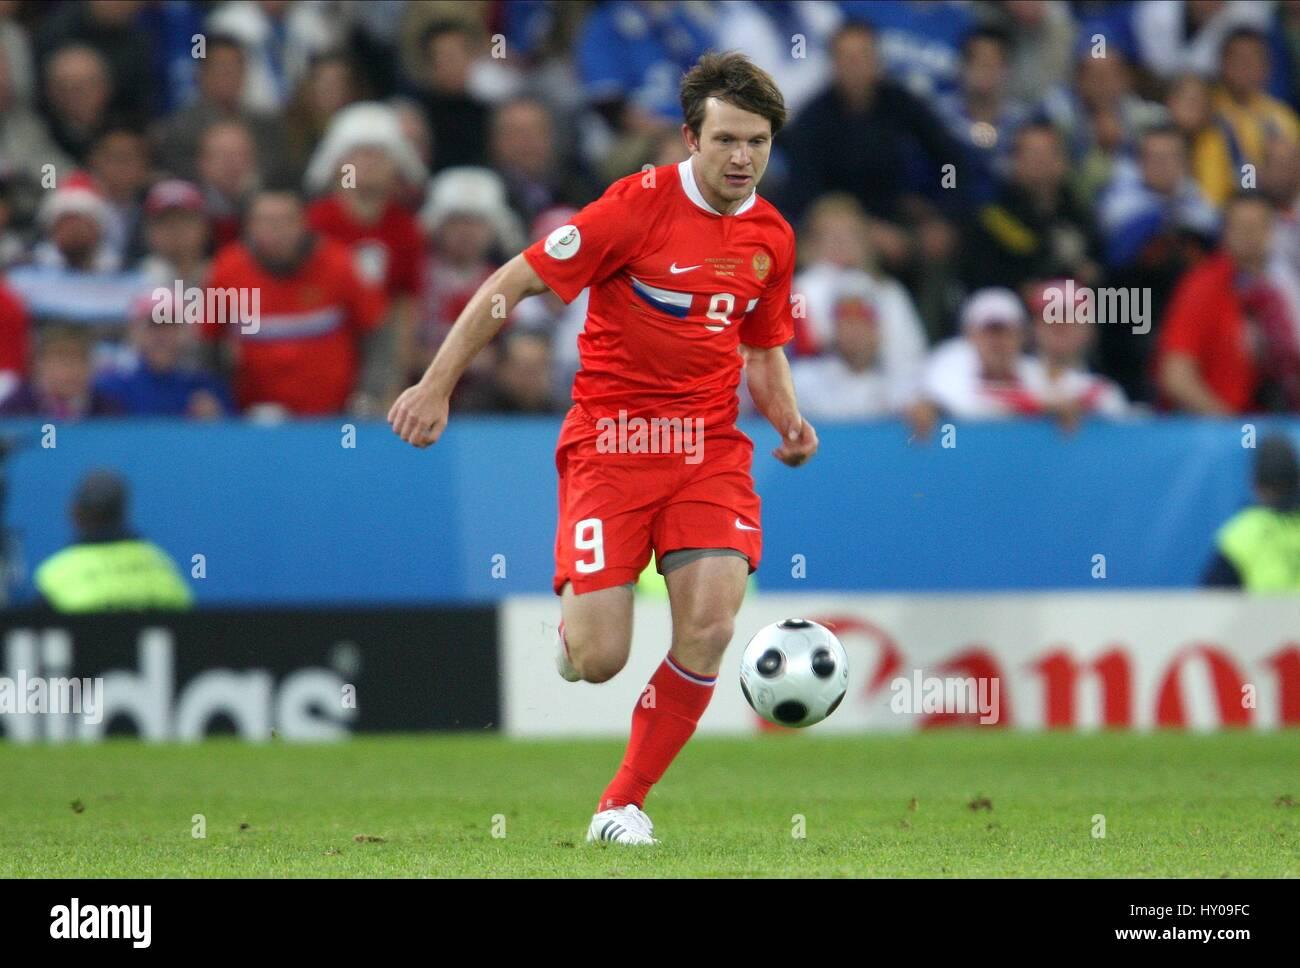 IVAN SAENKO Russland & FC Nürnberg EM-STADION SALZBURG Österreich 14. Juni 2008 Stockbild